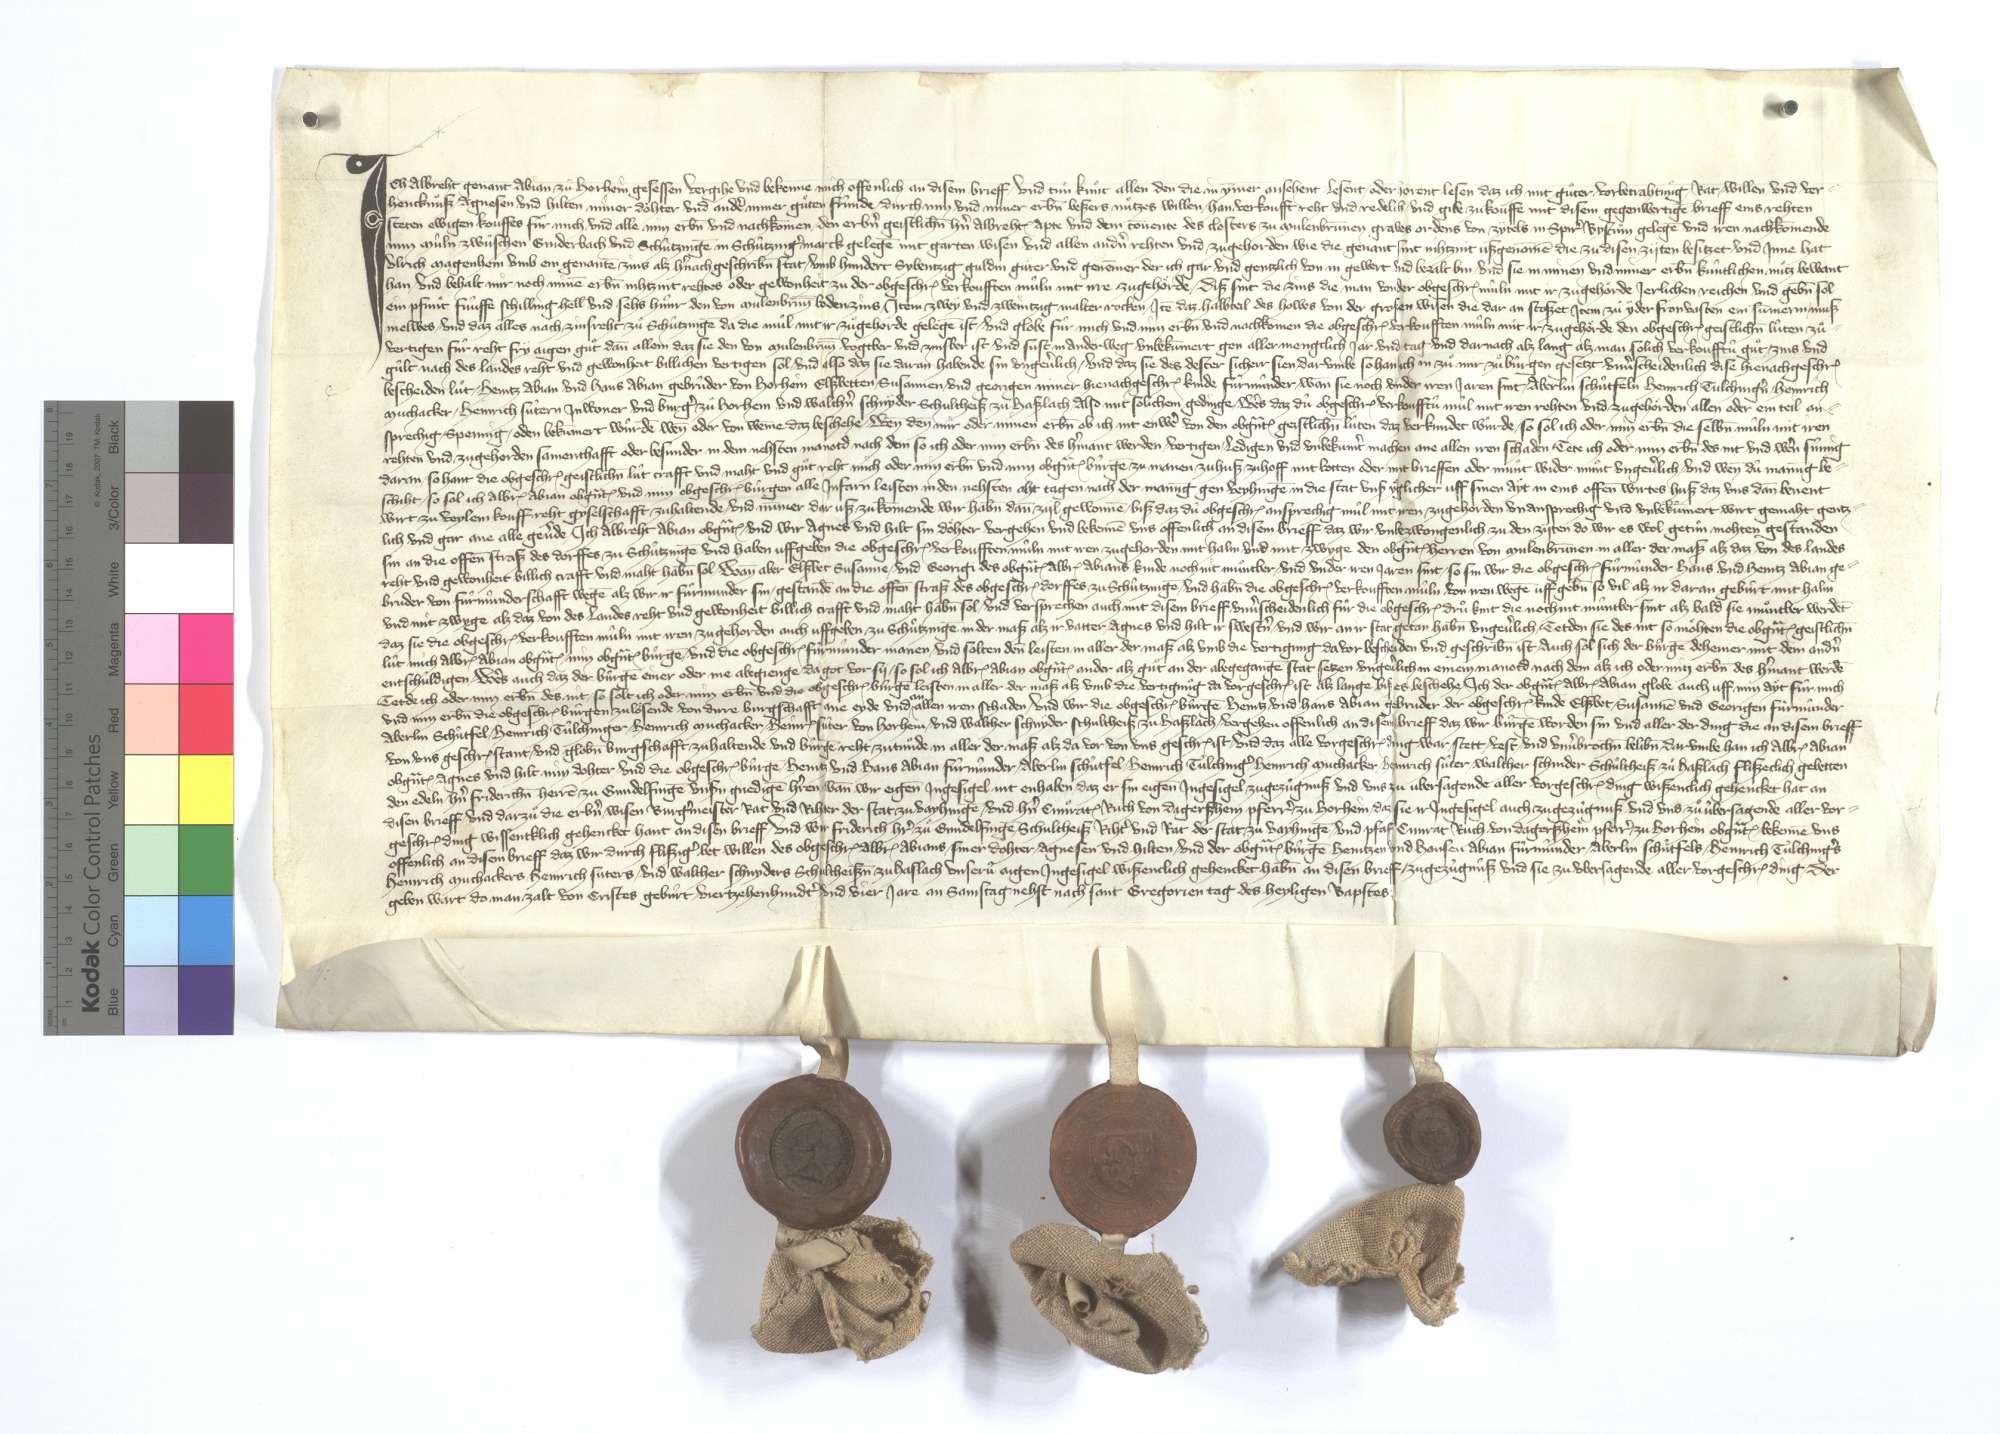 Albrecht, genannt Abian, von Horrheim verkauft dem Kloster Maulbronn seine Mühle zwischen Schützingen und Gündelbach mit den zugehörigen Gütern und Gerechtsamen., Text